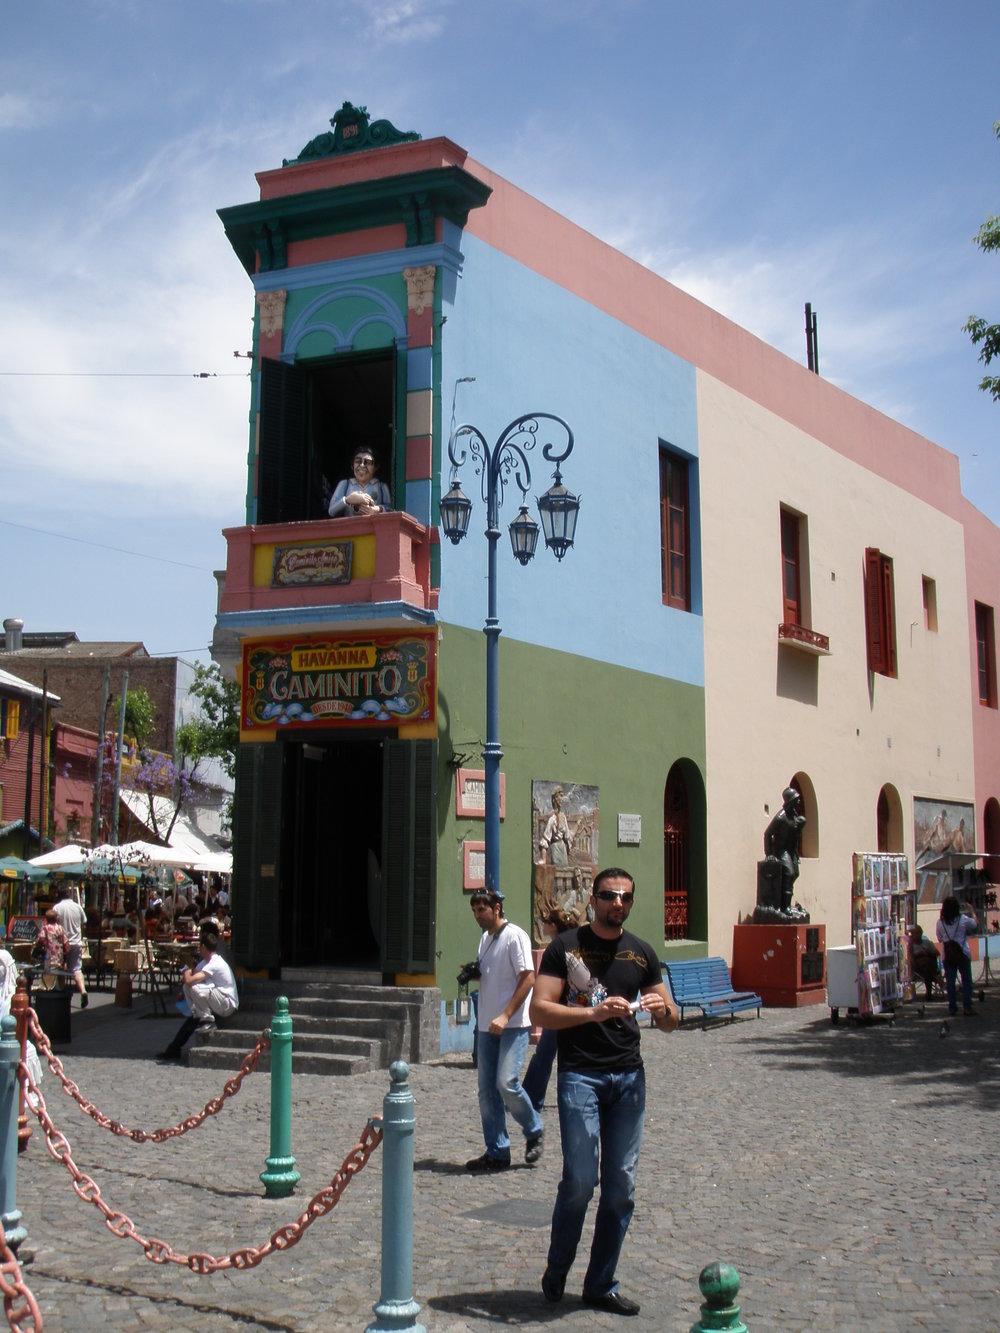 Buenos Aires. La Boca district.